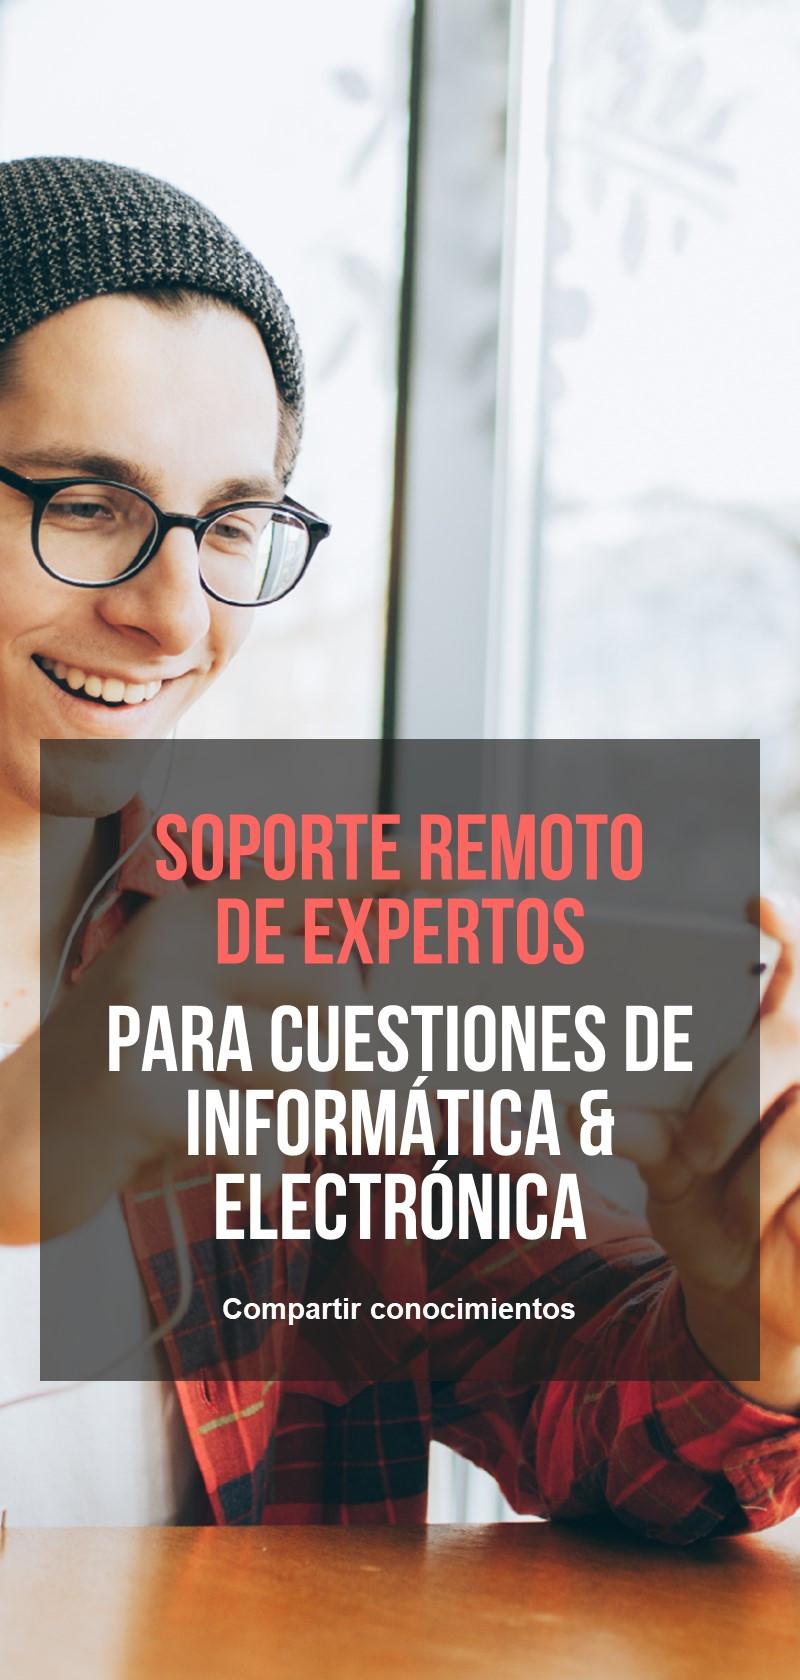 Soporte Remoto de Expertos en Informática y Electrónica